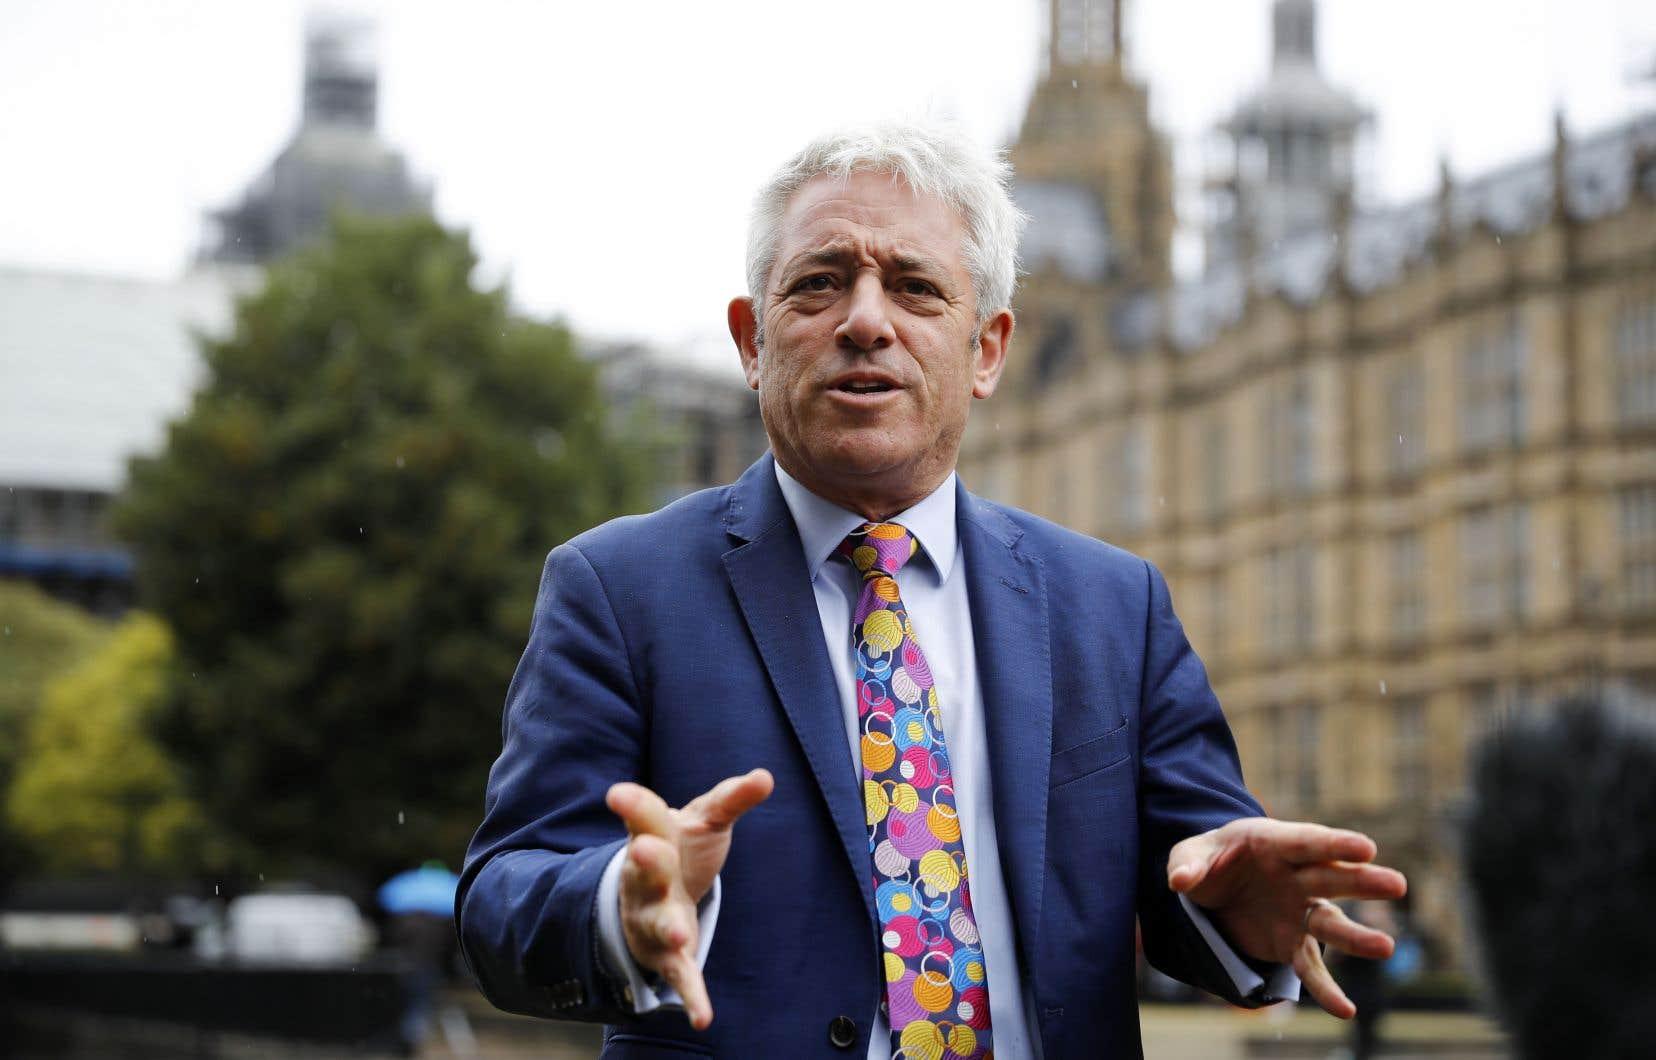 L'ancien président de la Chambre des communes britannique, John Bercow